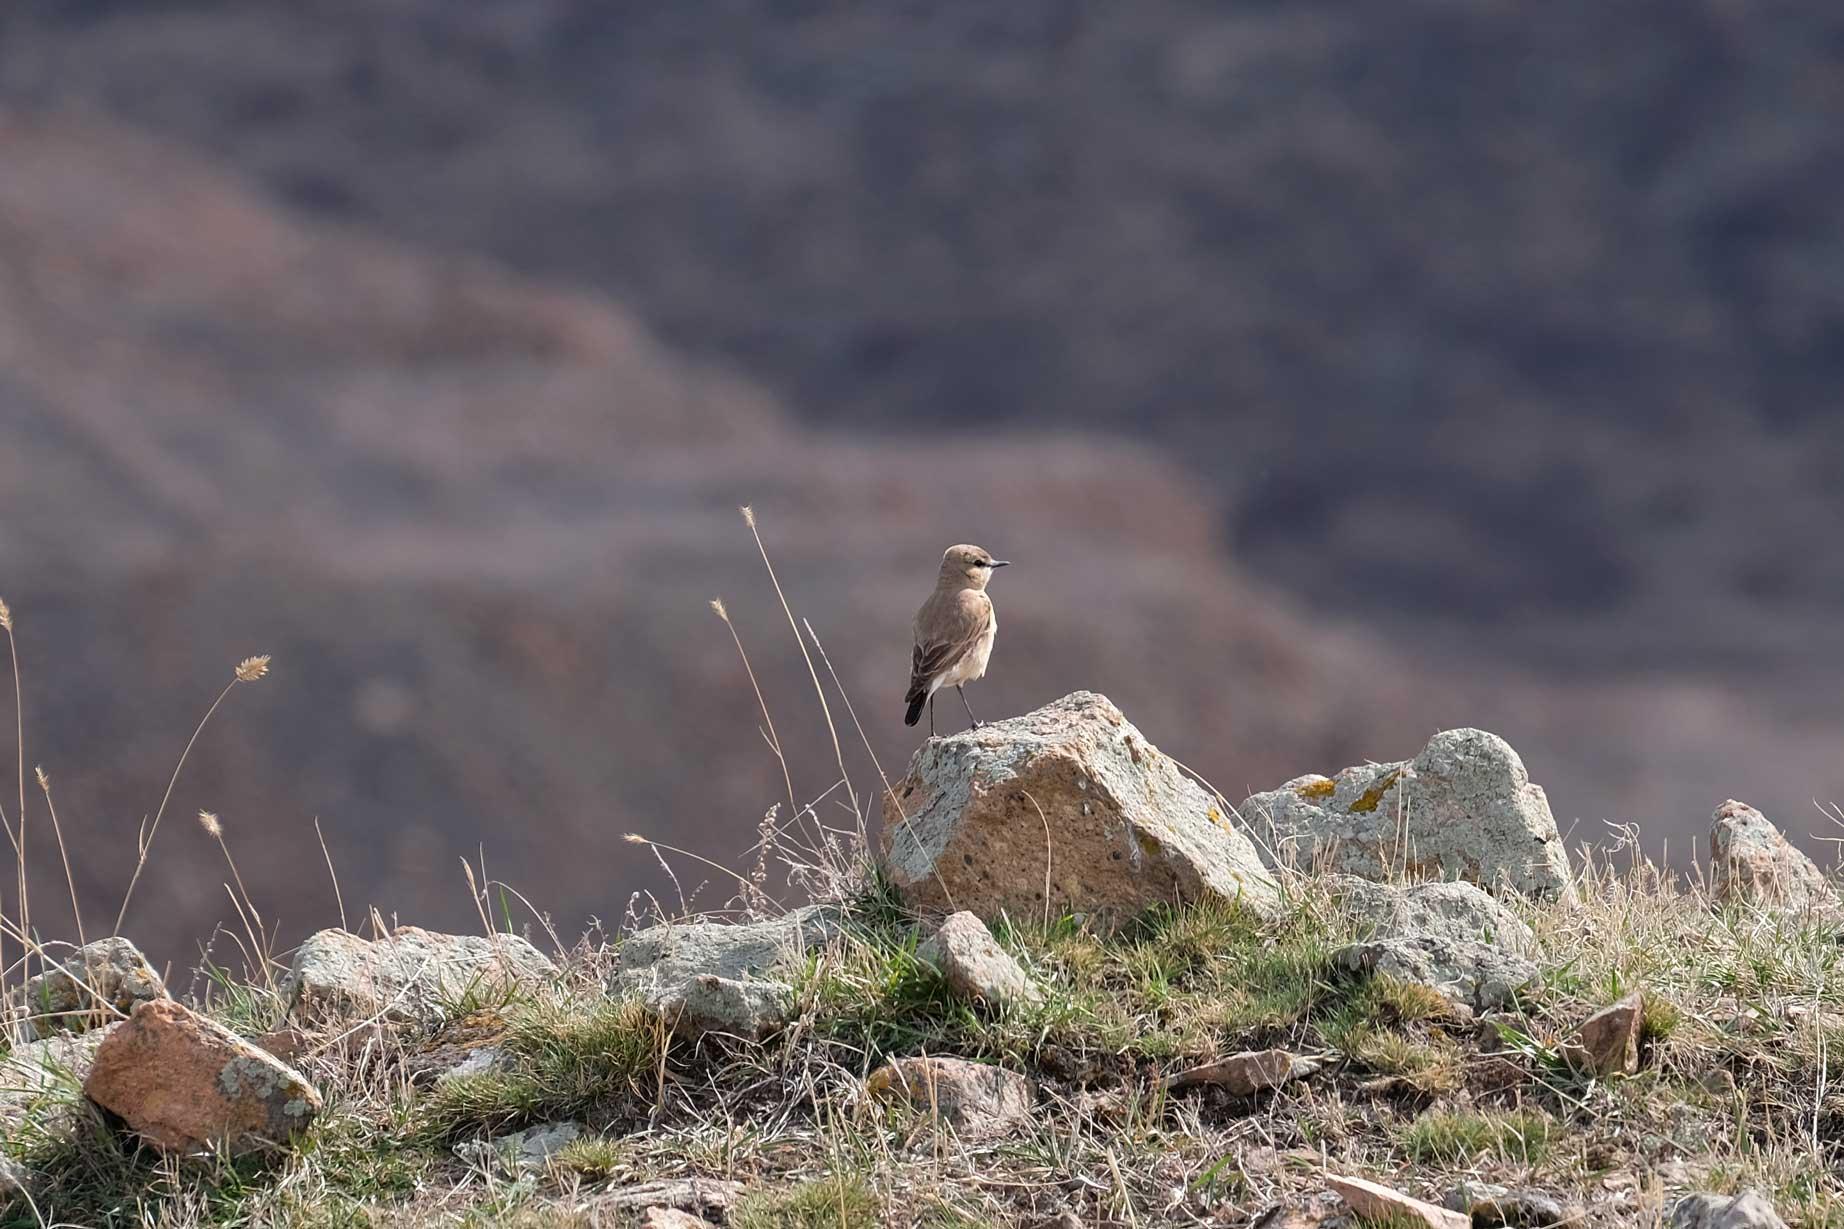 Ein Vogel sitzt auf einem Stein